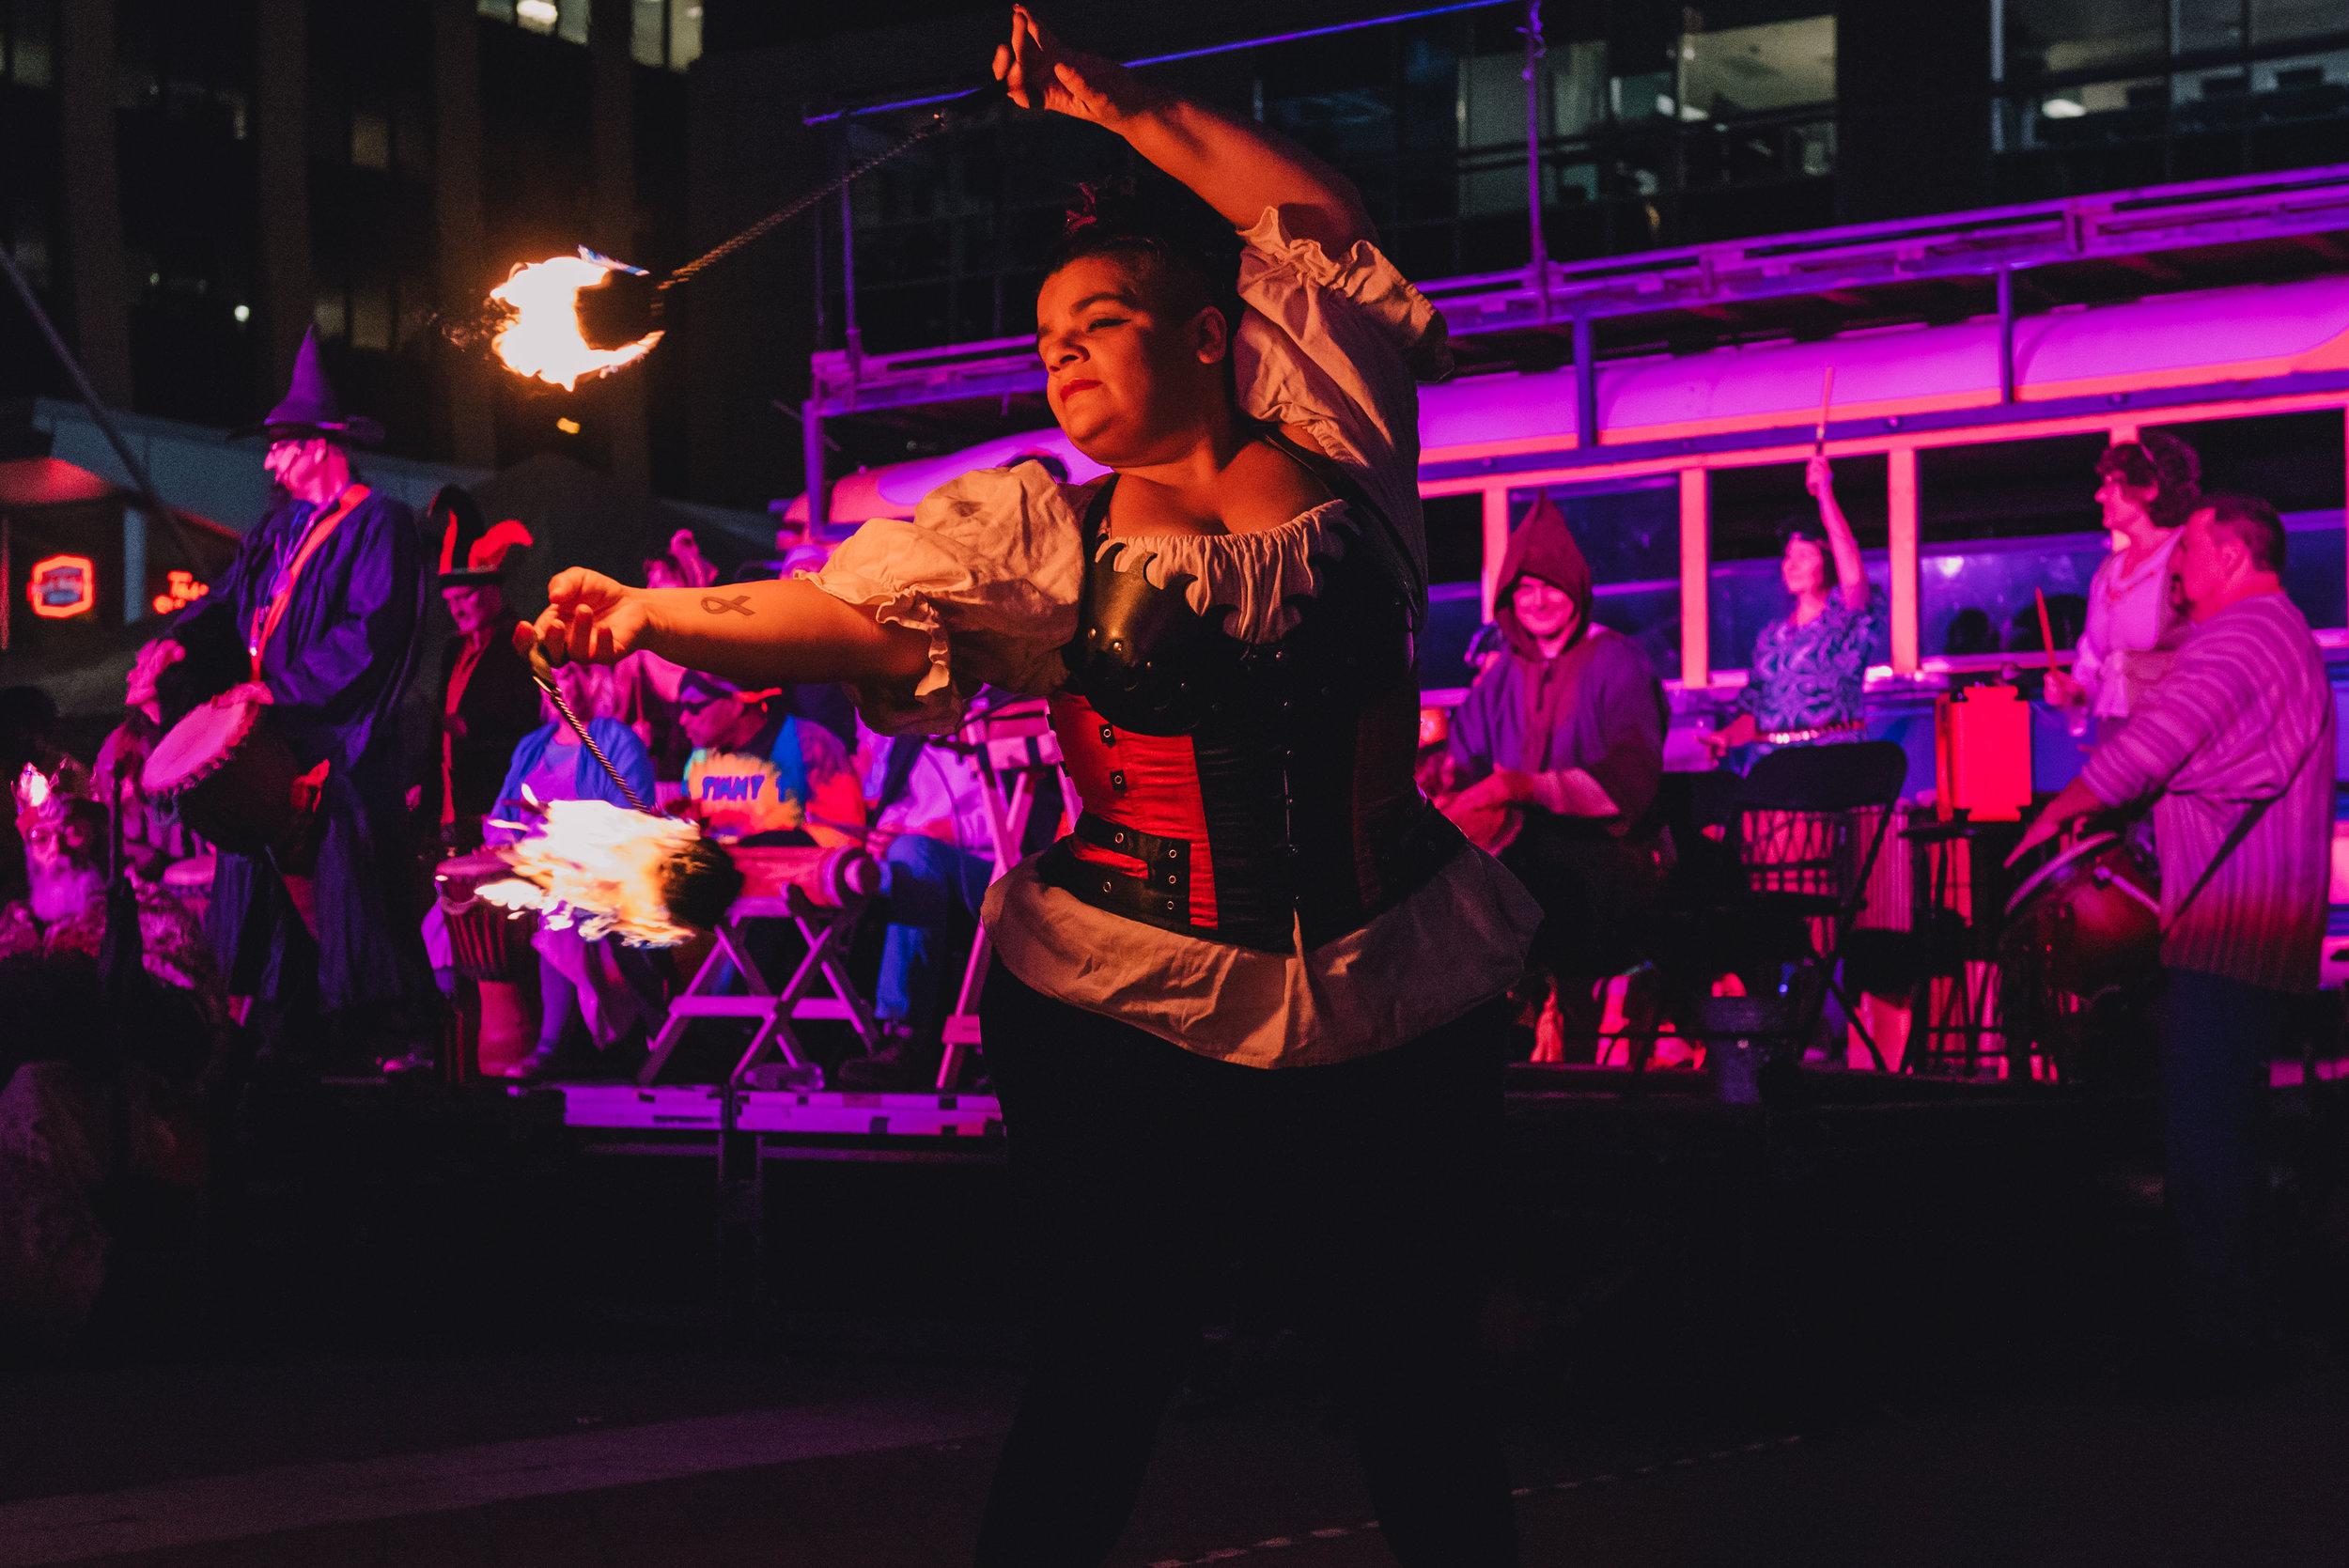 circusspark-fire-show-1-oct-19-2018-derek-vanhorn.jpg